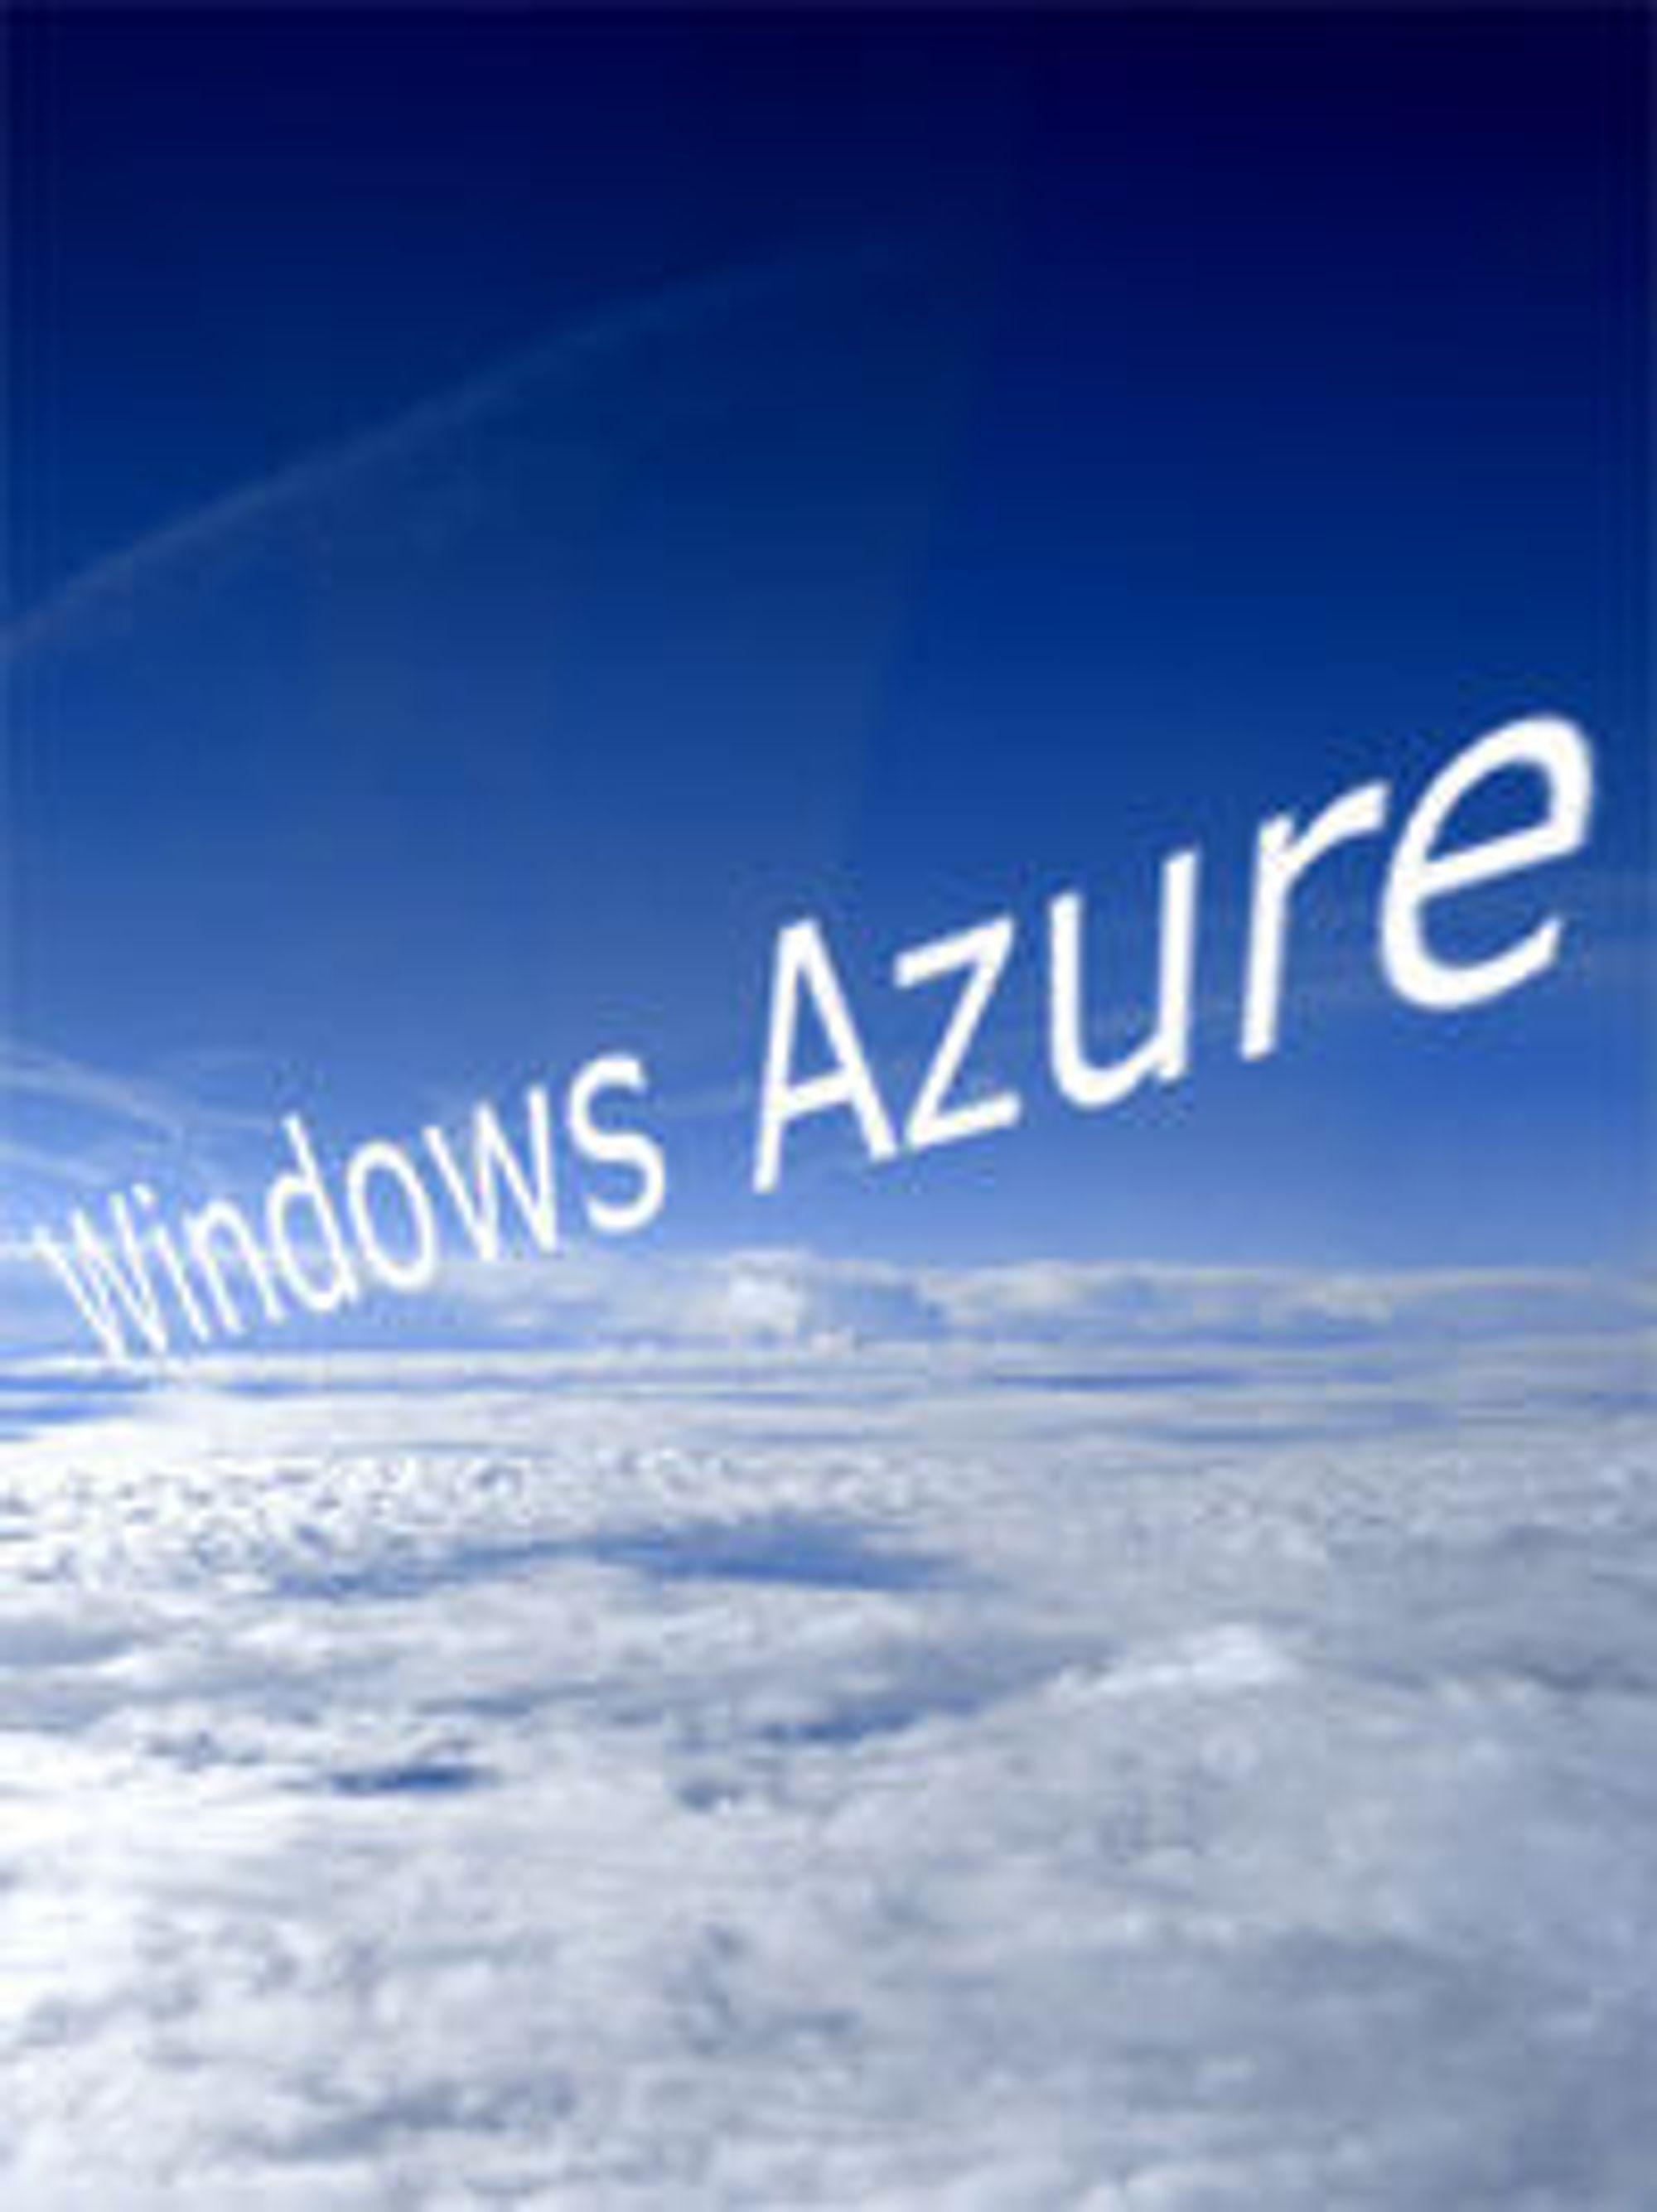 Microsofts nettskytjenester gjøres kommersielt tilgjengelige for utviklere i november i år.